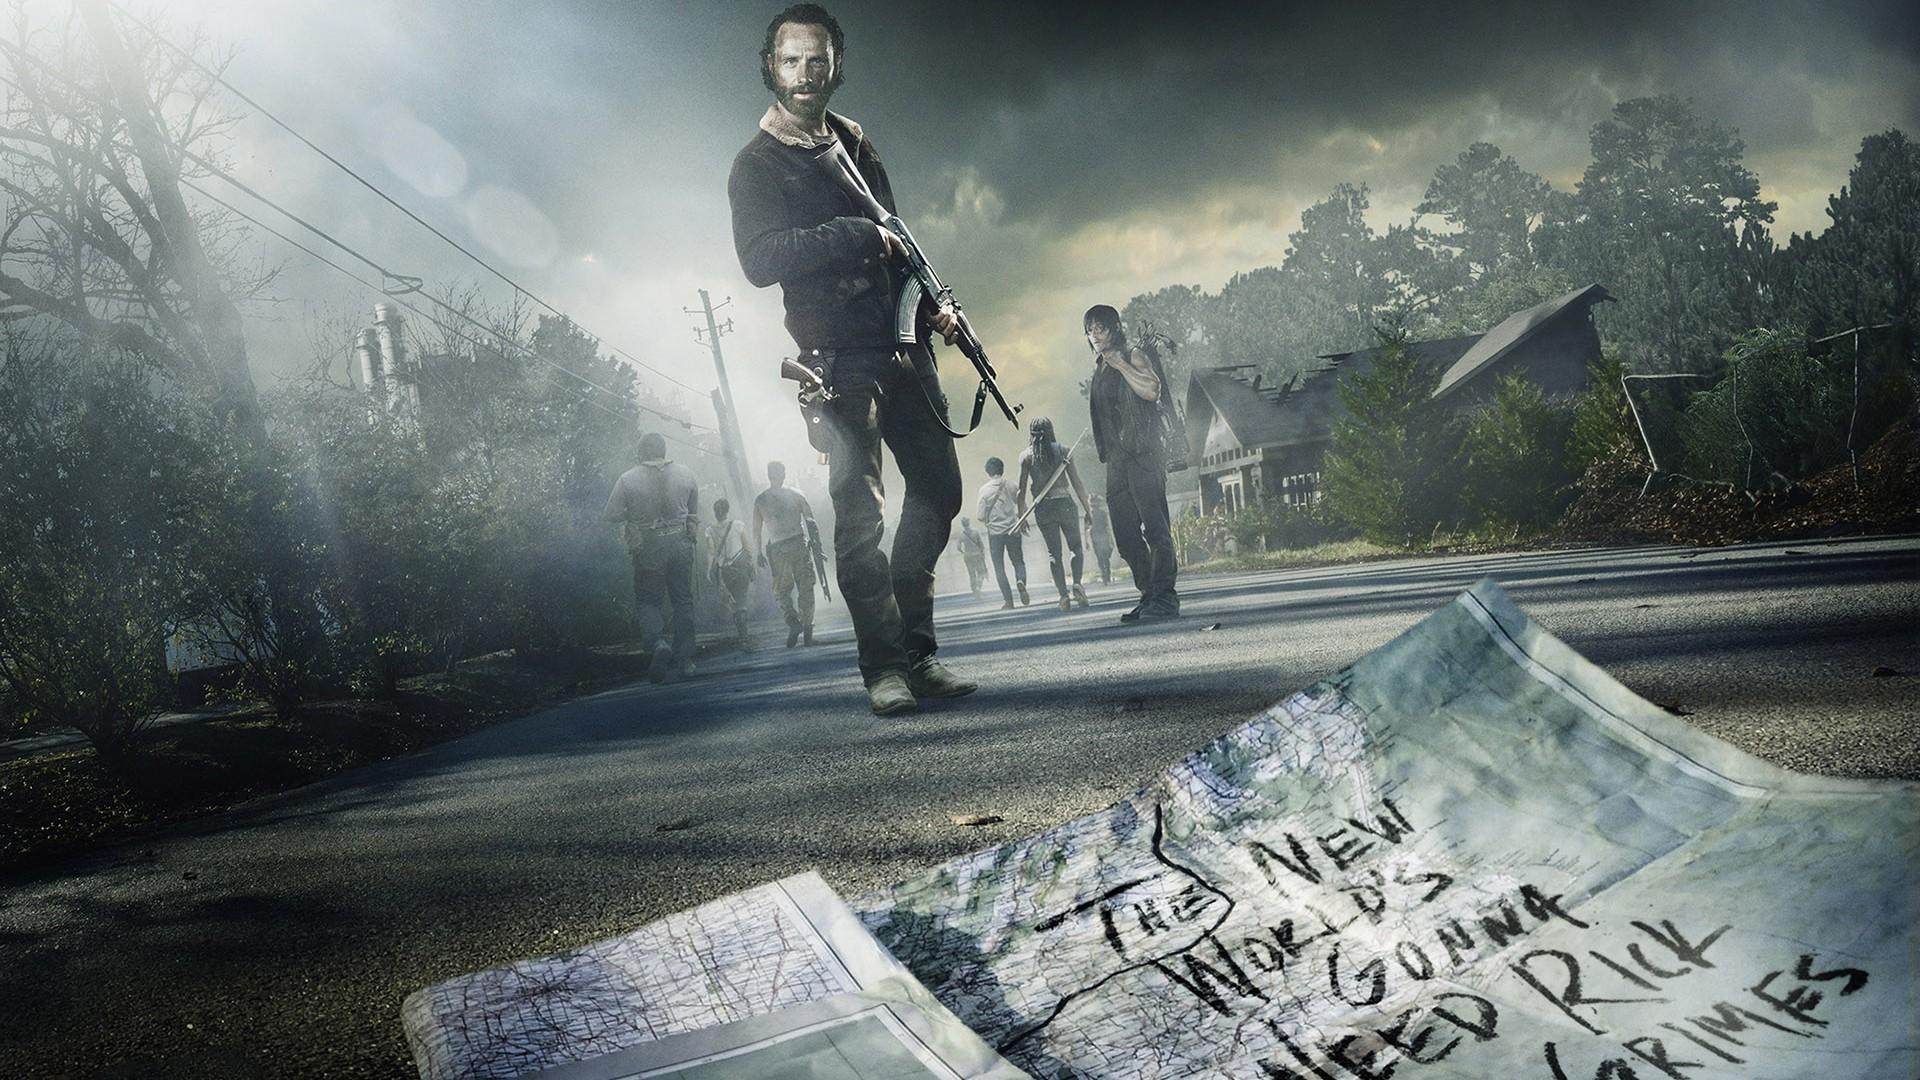 The-Walking-Dead-Season-5-HD-Wallpaper-Stylish-